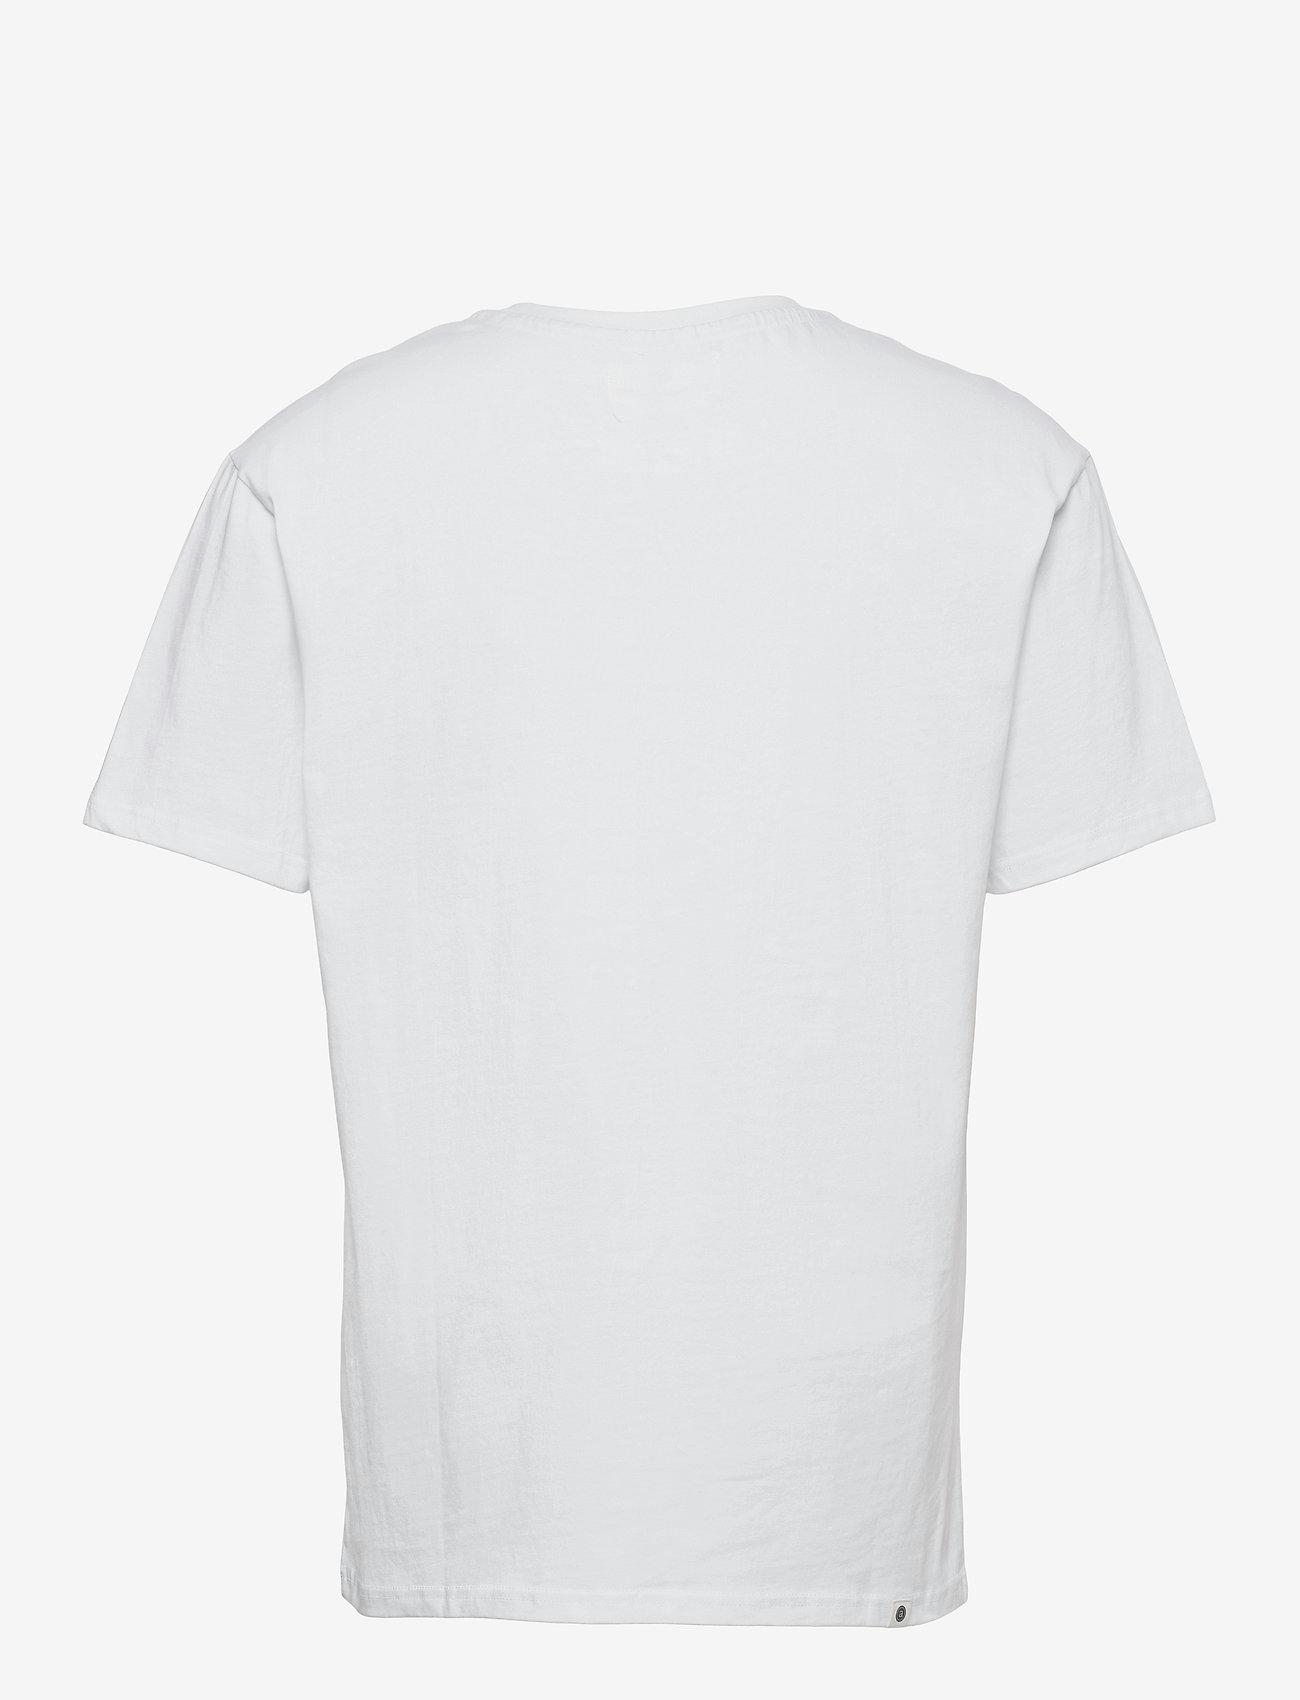 Anerkjendt - AKKIKKI T-SHIRT - t-shirts - white - 1